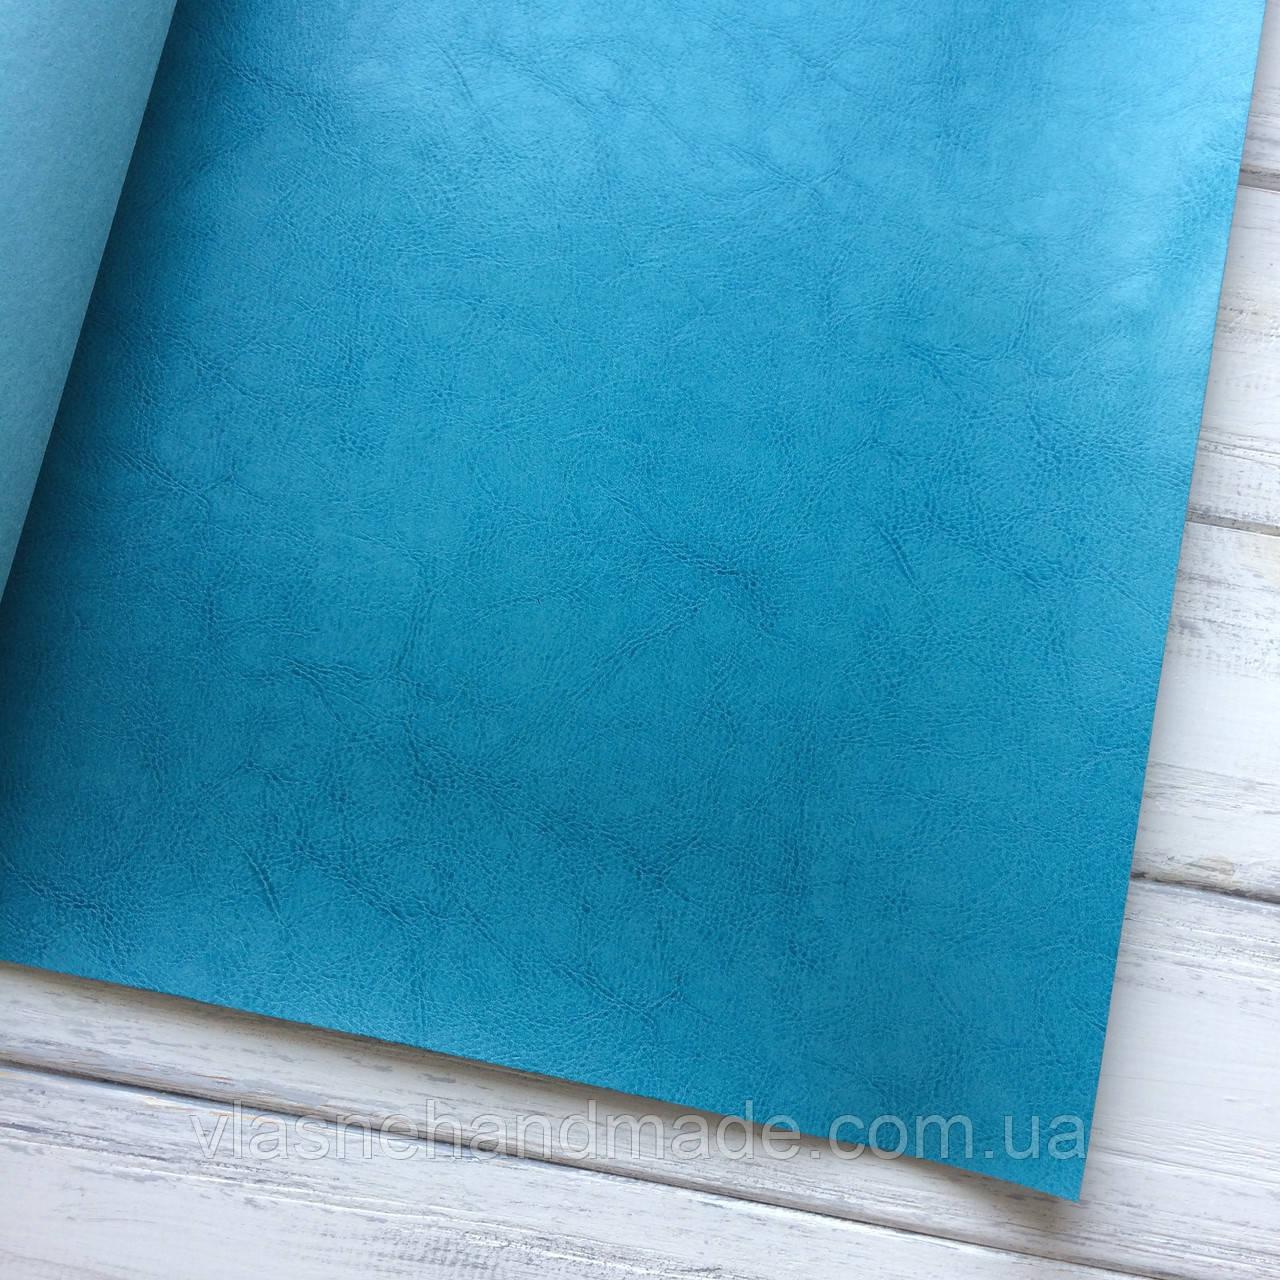 Шкірзамінник палітурний - глянець - бірюза - виробник Італія - 25х35 см